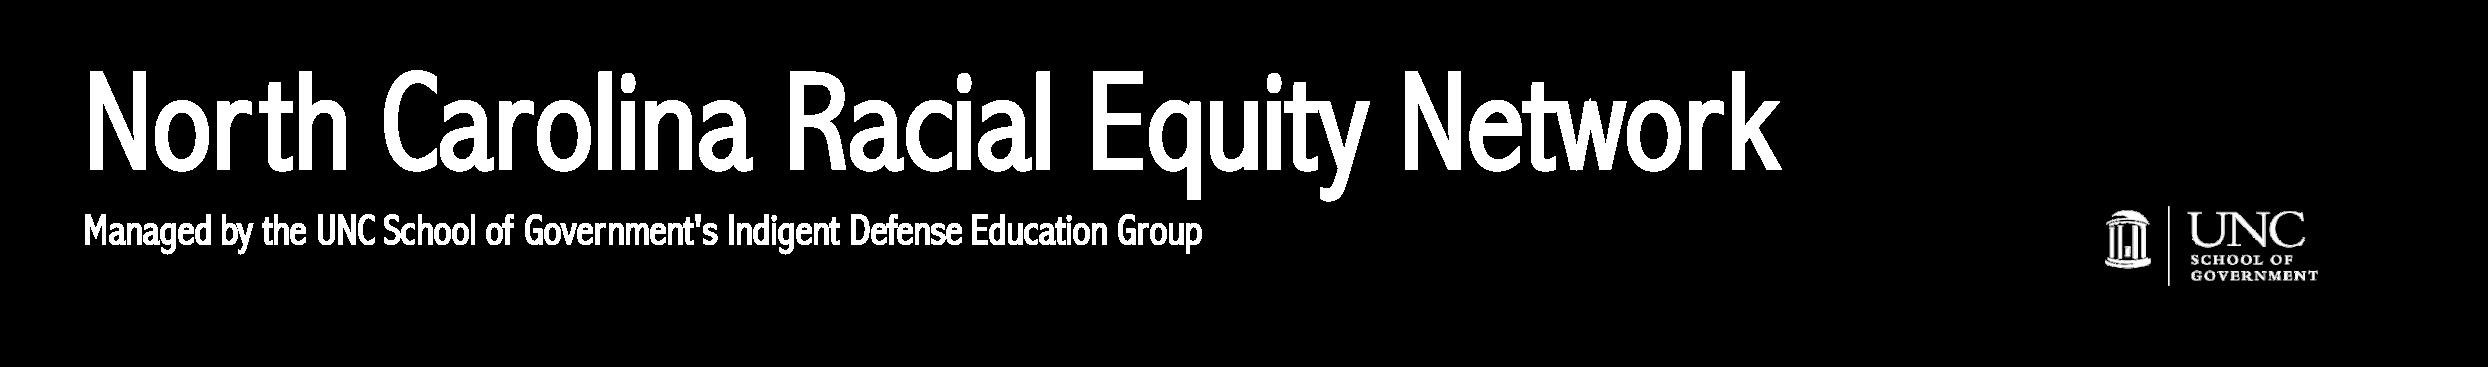 North Carolina Racial Equity Network (NC REN)